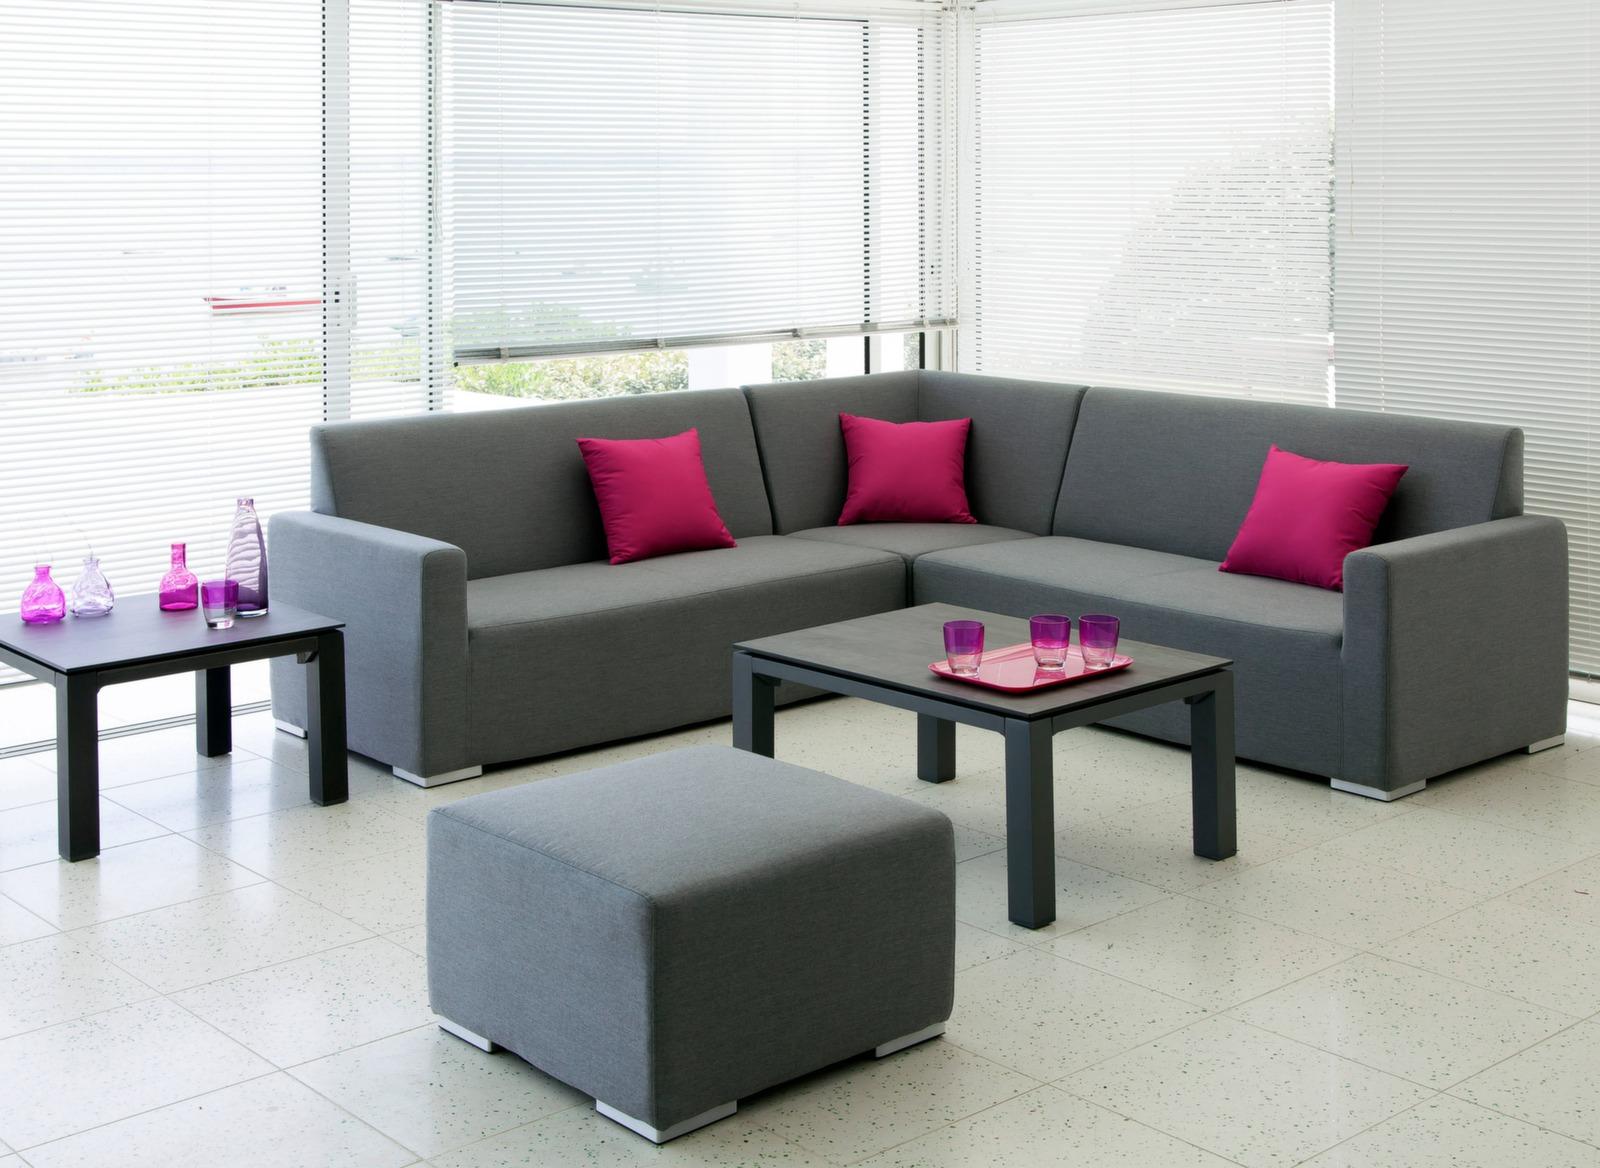 pouf mythe fauteuils de jardin mobilier pour salon de. Black Bedroom Furniture Sets. Home Design Ideas